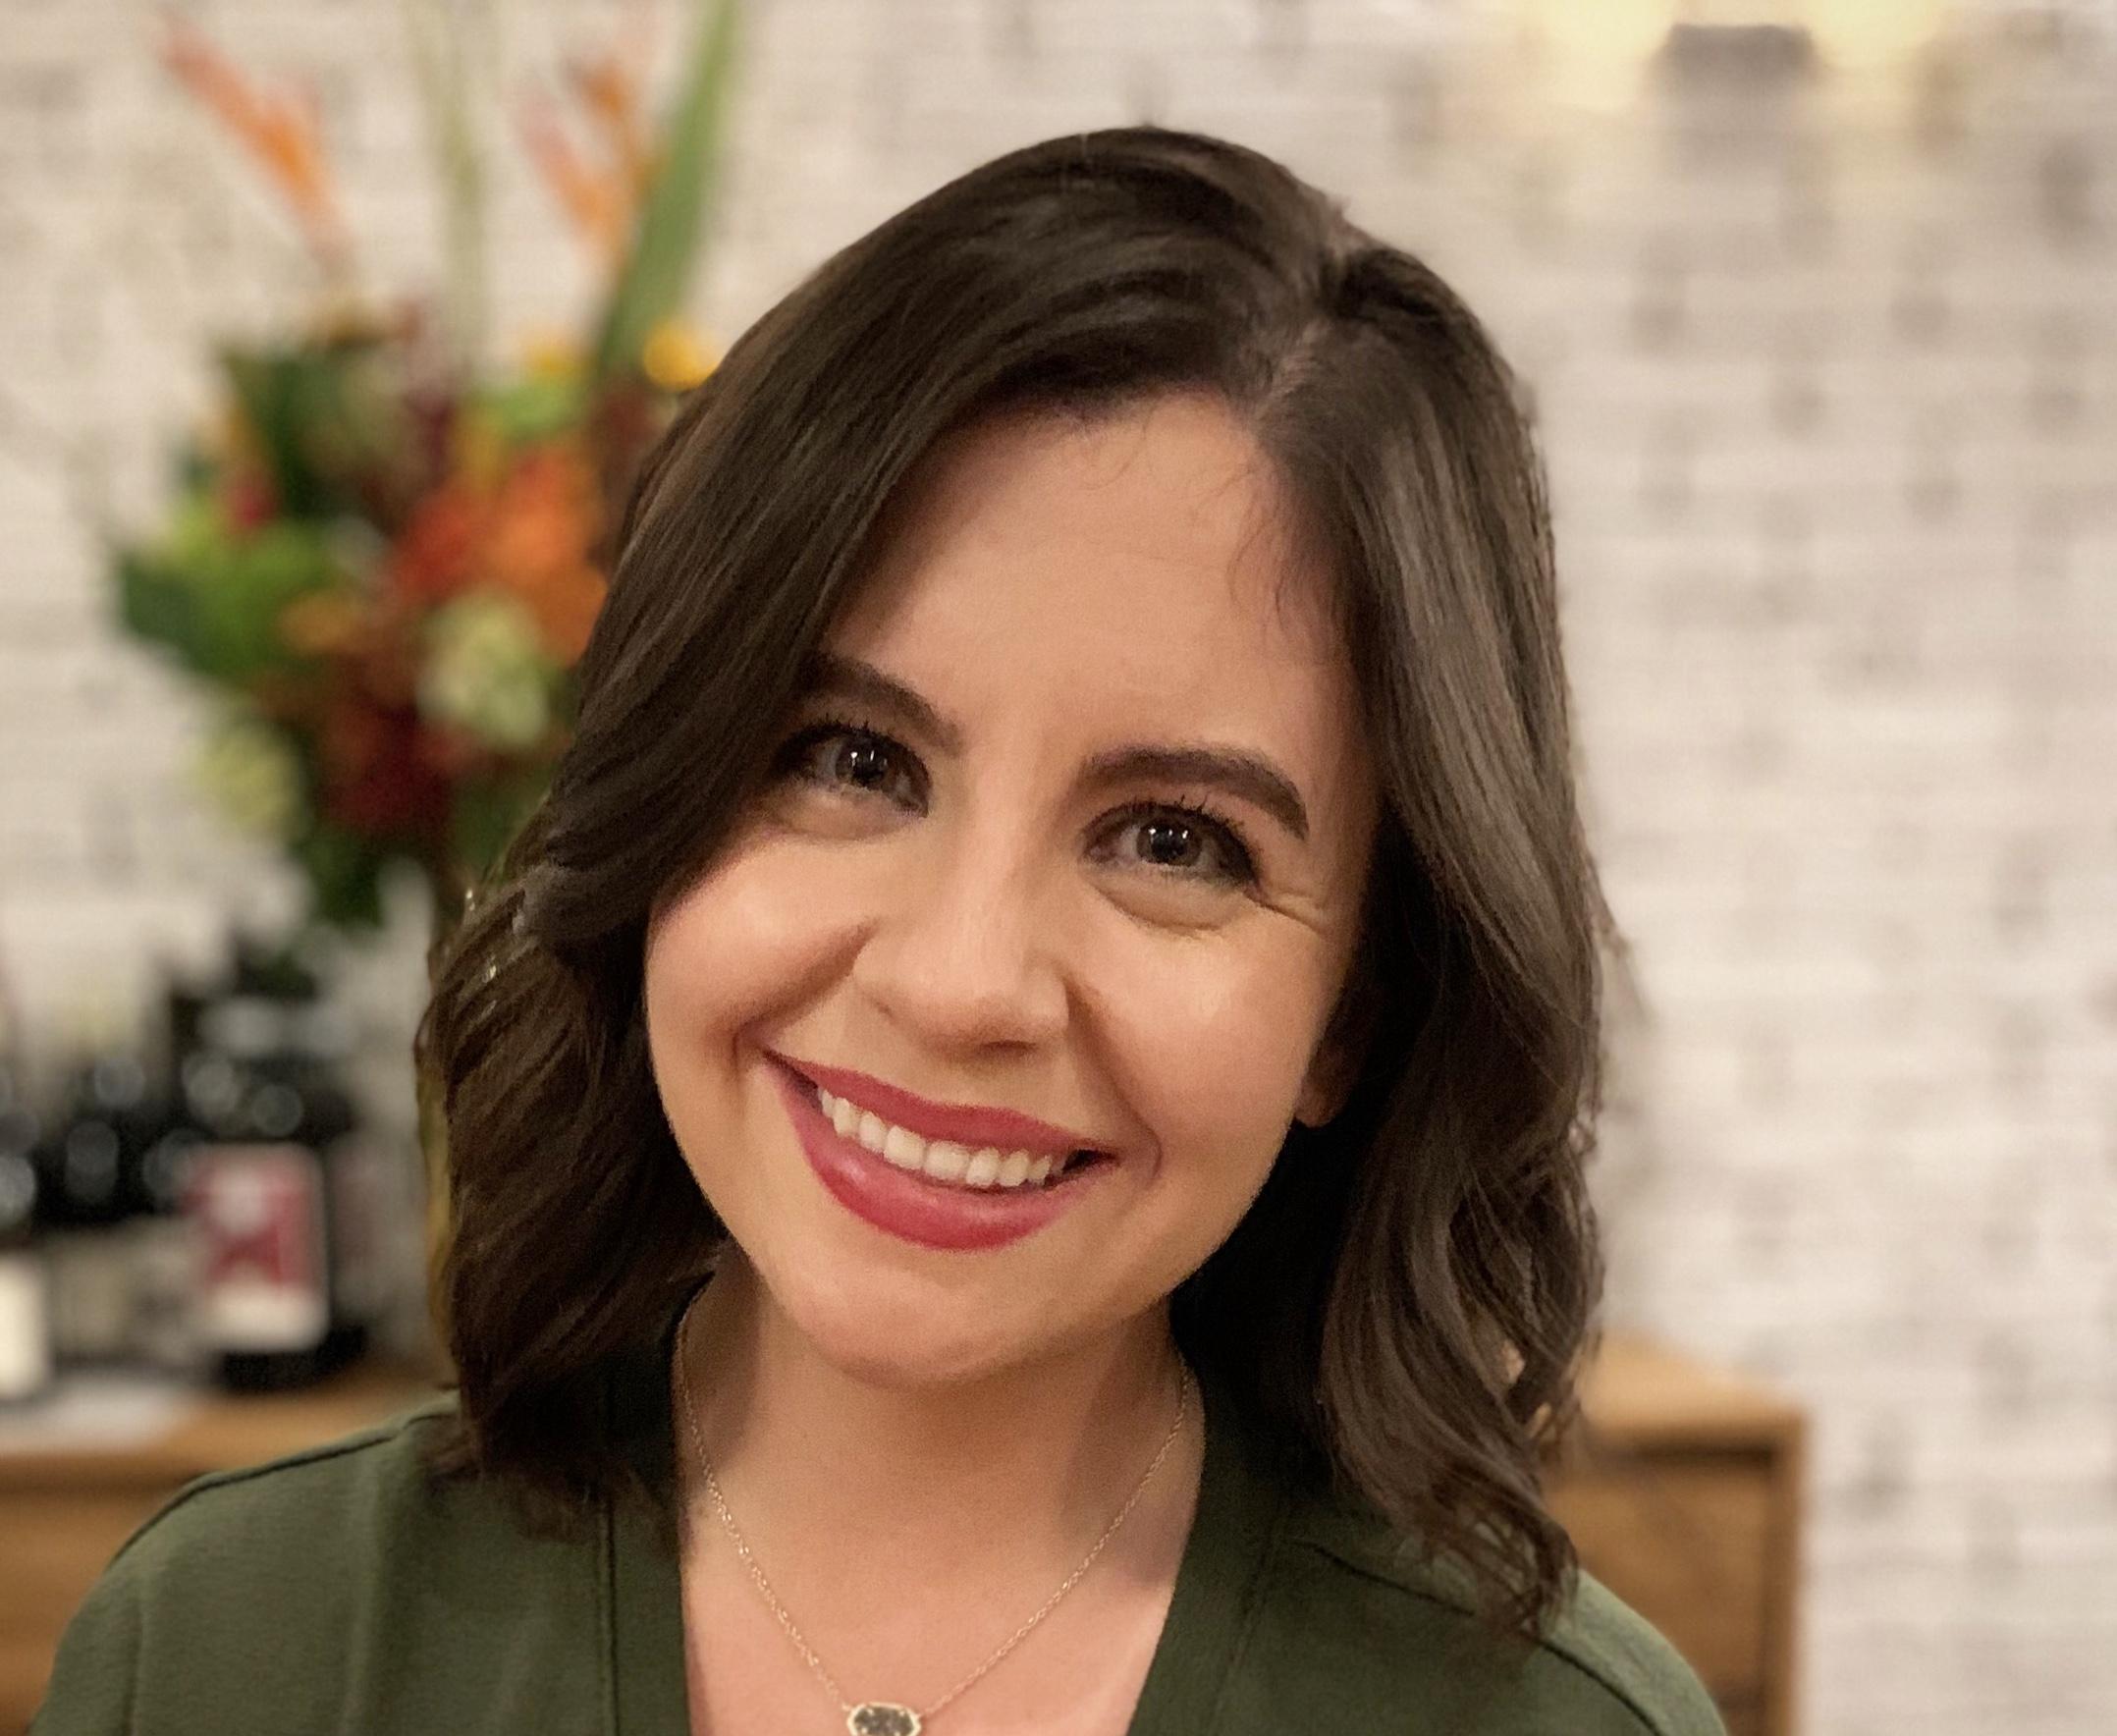 Amy Morona